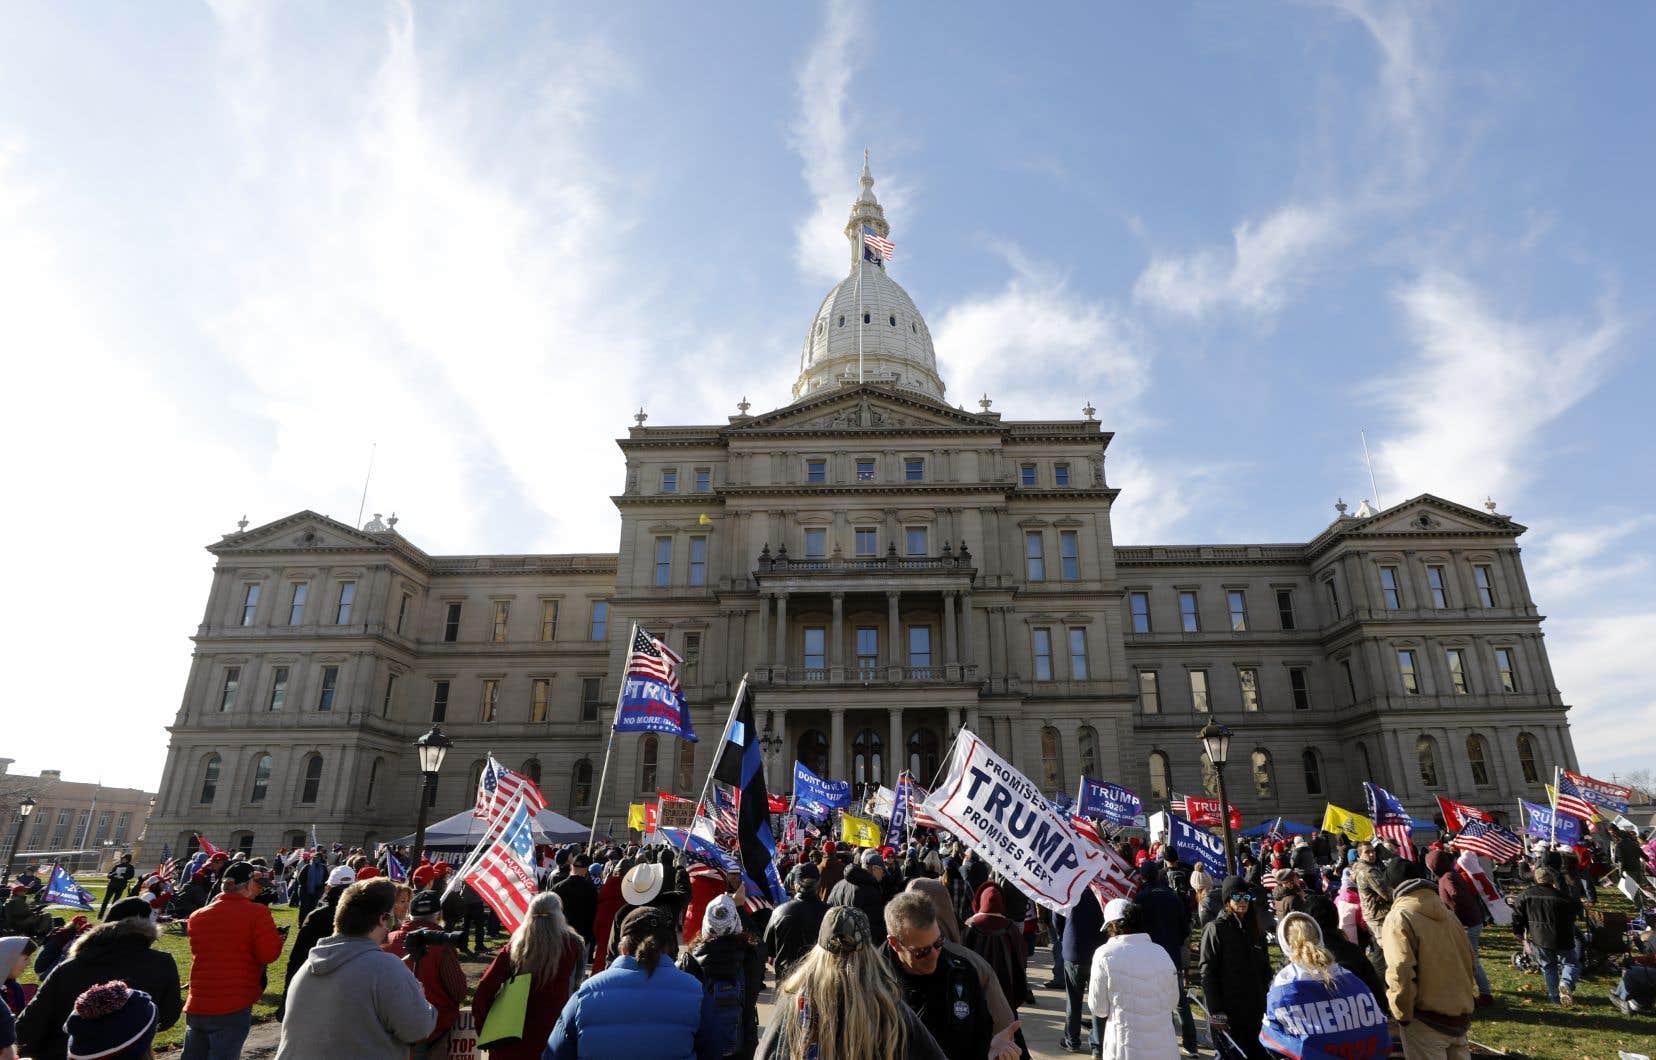 Une foule s'est rassemblée samedi devant le capitole de Lansing au Michigan, un État dans lequel plusieurs recours judiciaires ont été intentés par le camp de Donald Trump, pour exiger d'«arrêter le vol» électoral.